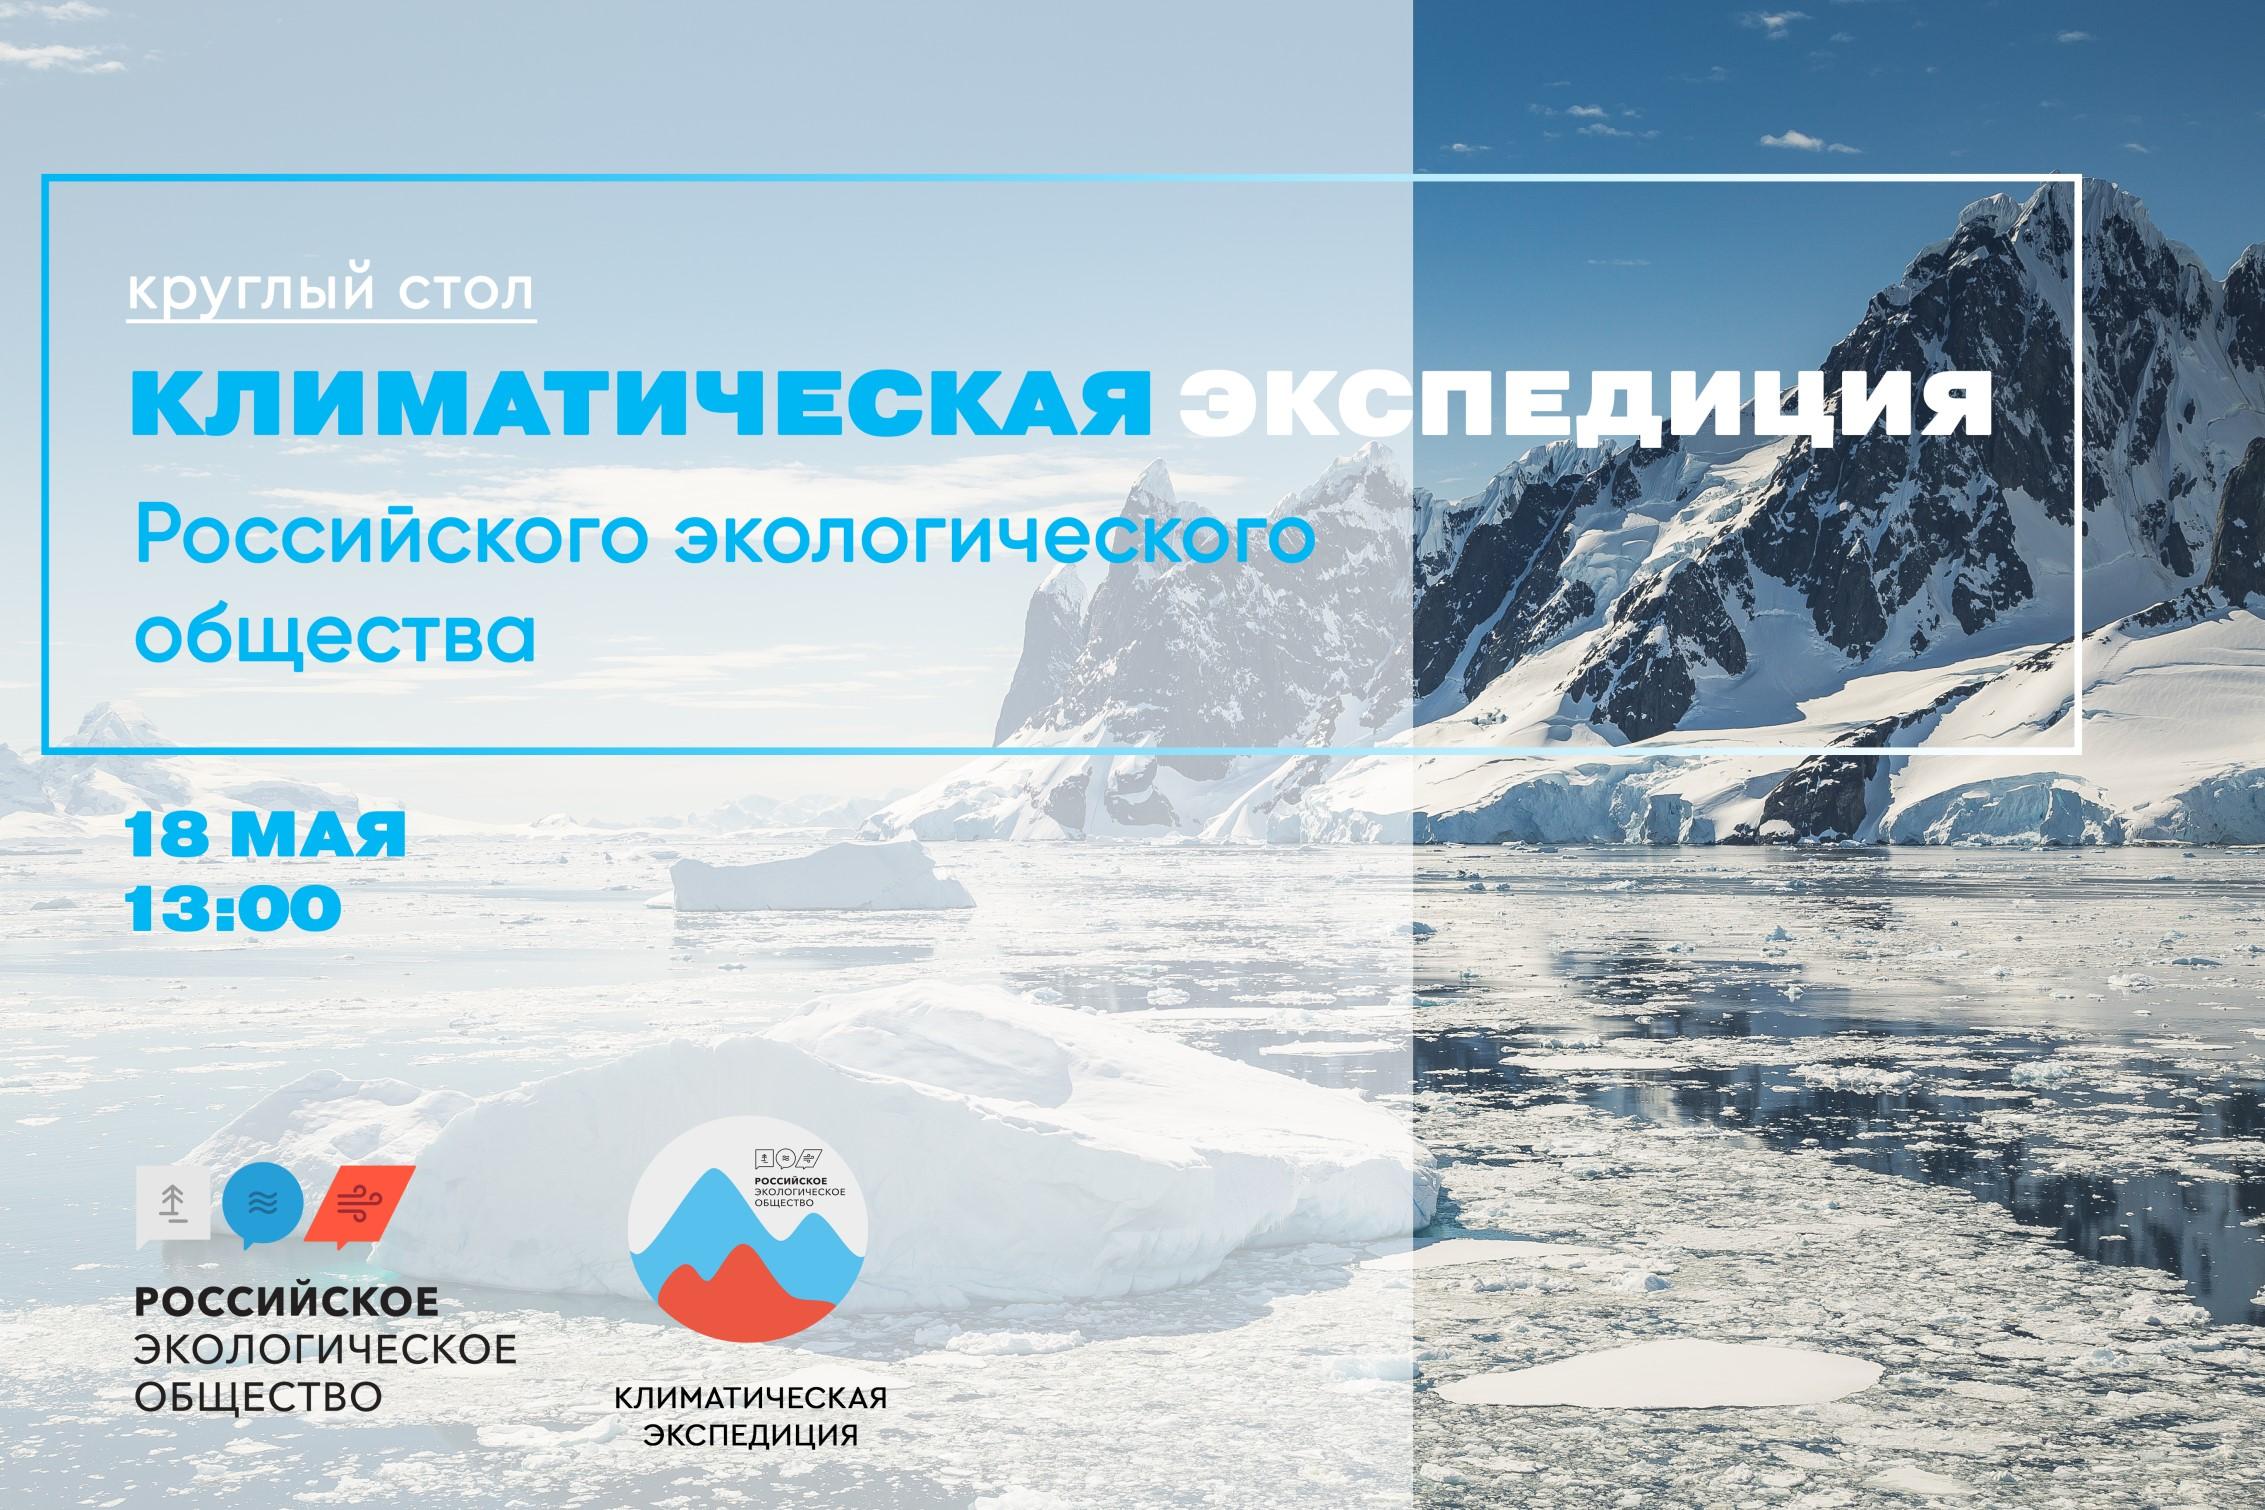 Климатическая экспедиция Российского экологического общества